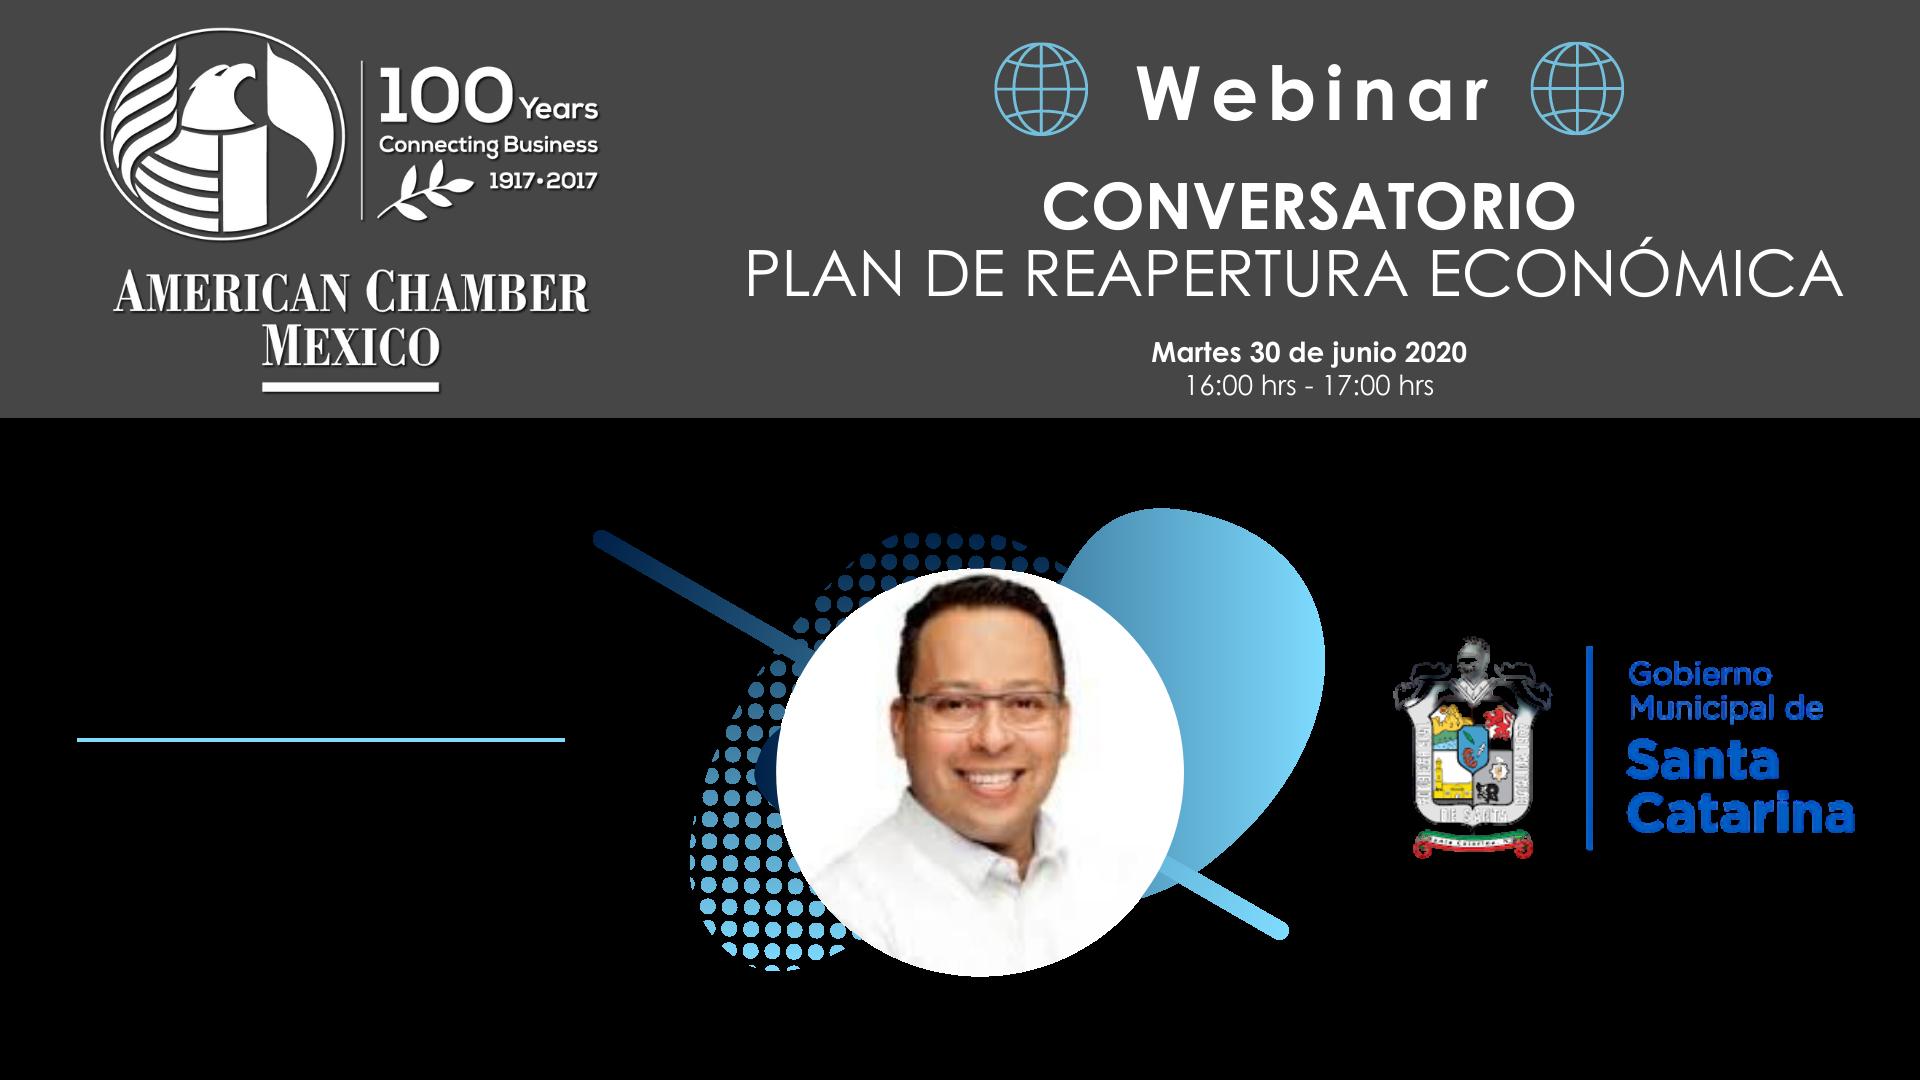 MTY WEBINAR - Conversatorio con Héctor Castillo Olivares: Plan de Reapertura Económica